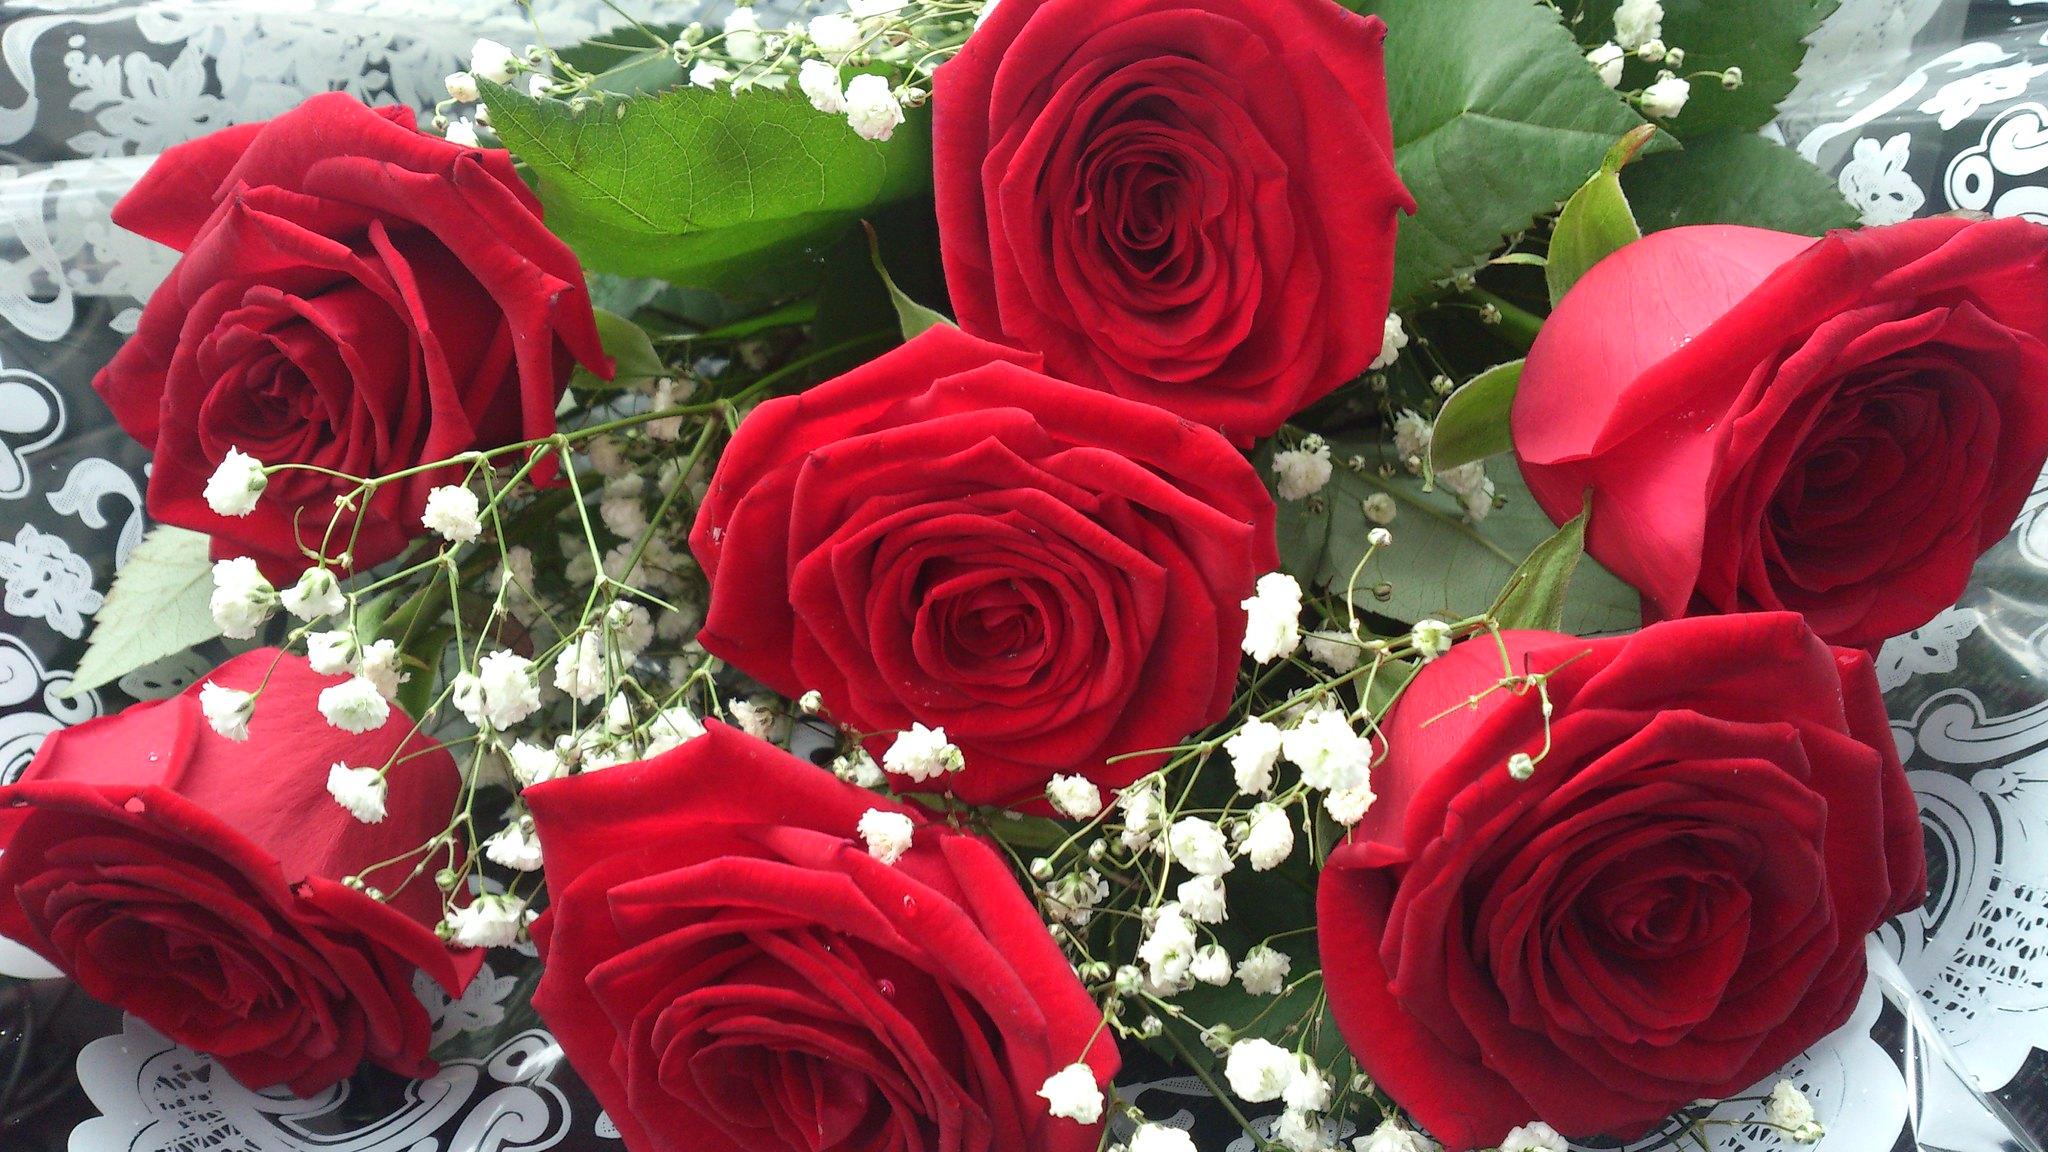 Кота купить розы на огород и цвет подарок жене от мужа на свадьбу